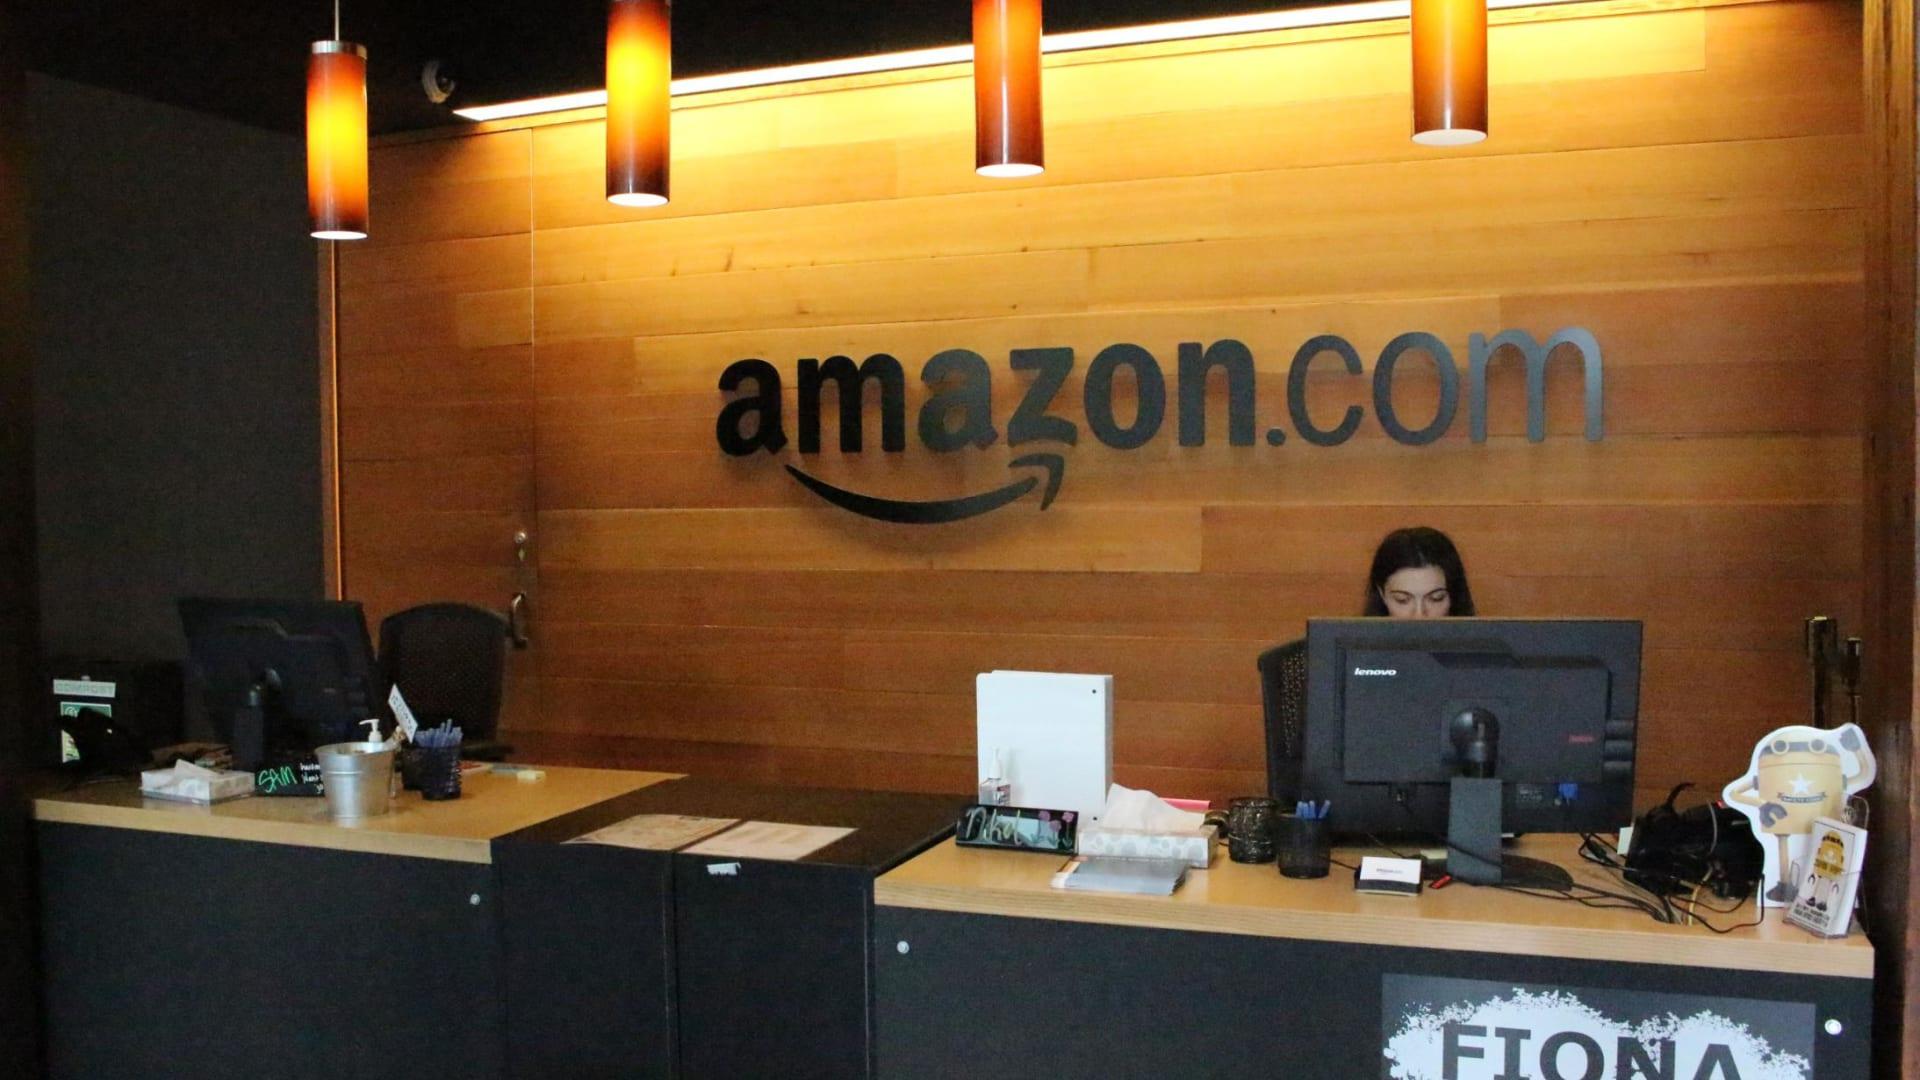 أمازون تعتزم تعيين 33 ألف موظف جديد.. وهذه قيمة حزمة التعويضات